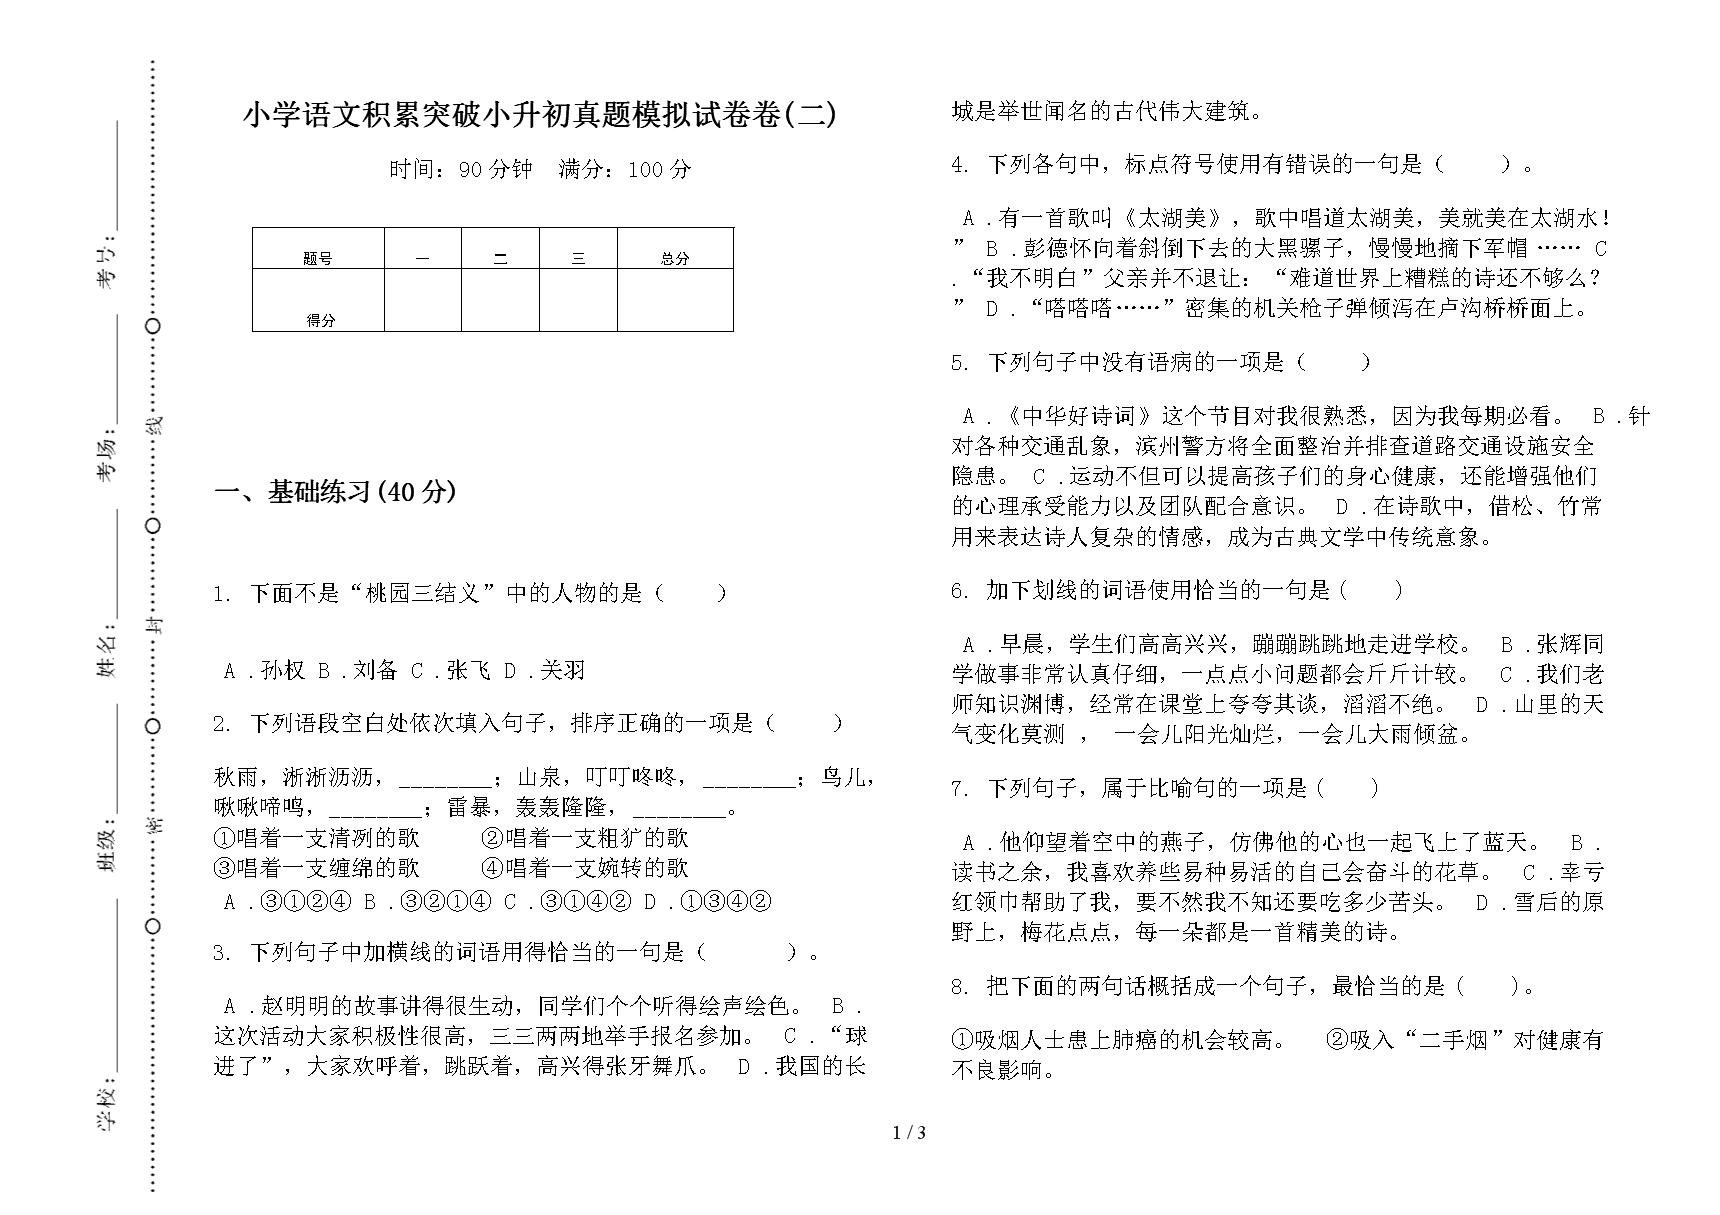 小学语文积累突破小升初真题模拟试卷卷(二).docx